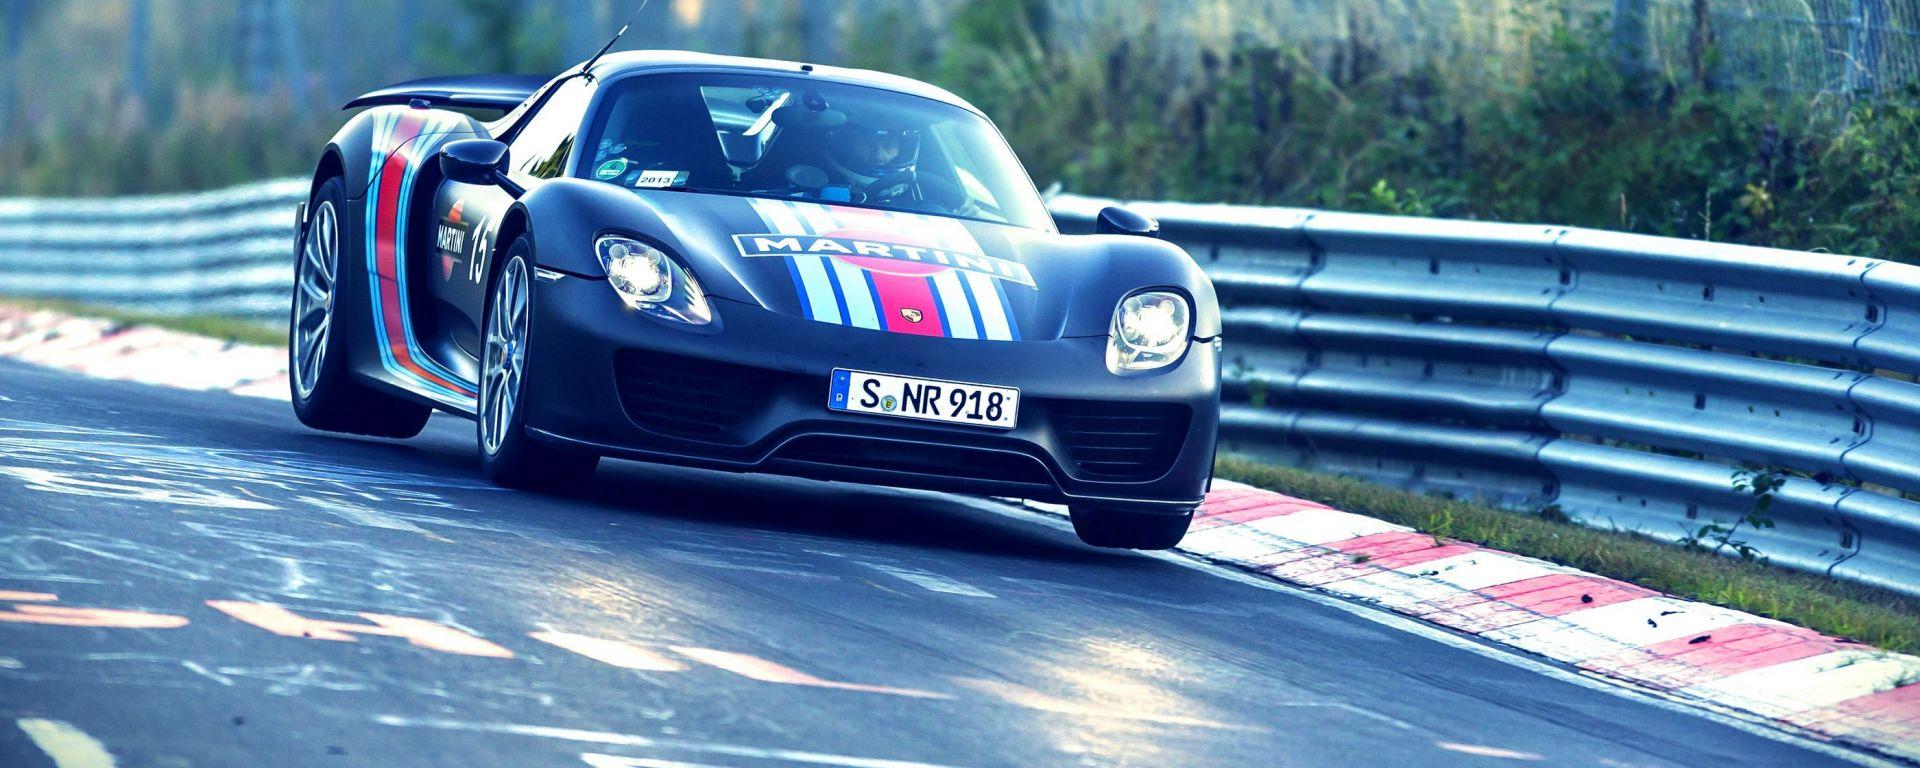 Porsche 918 Spyder: nuovo record al Ring